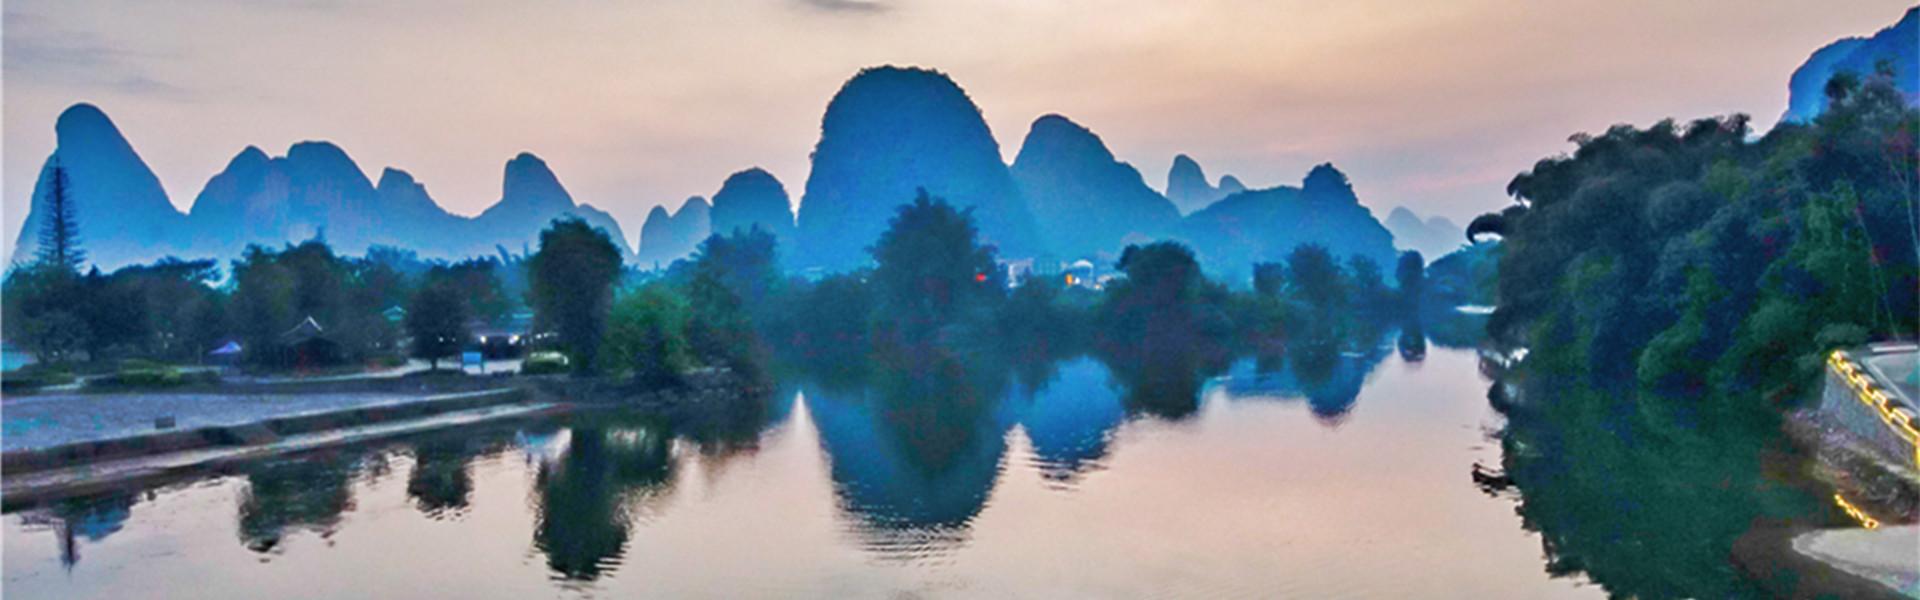 6 Days Guilin to Zhangjiajie Tour by flight